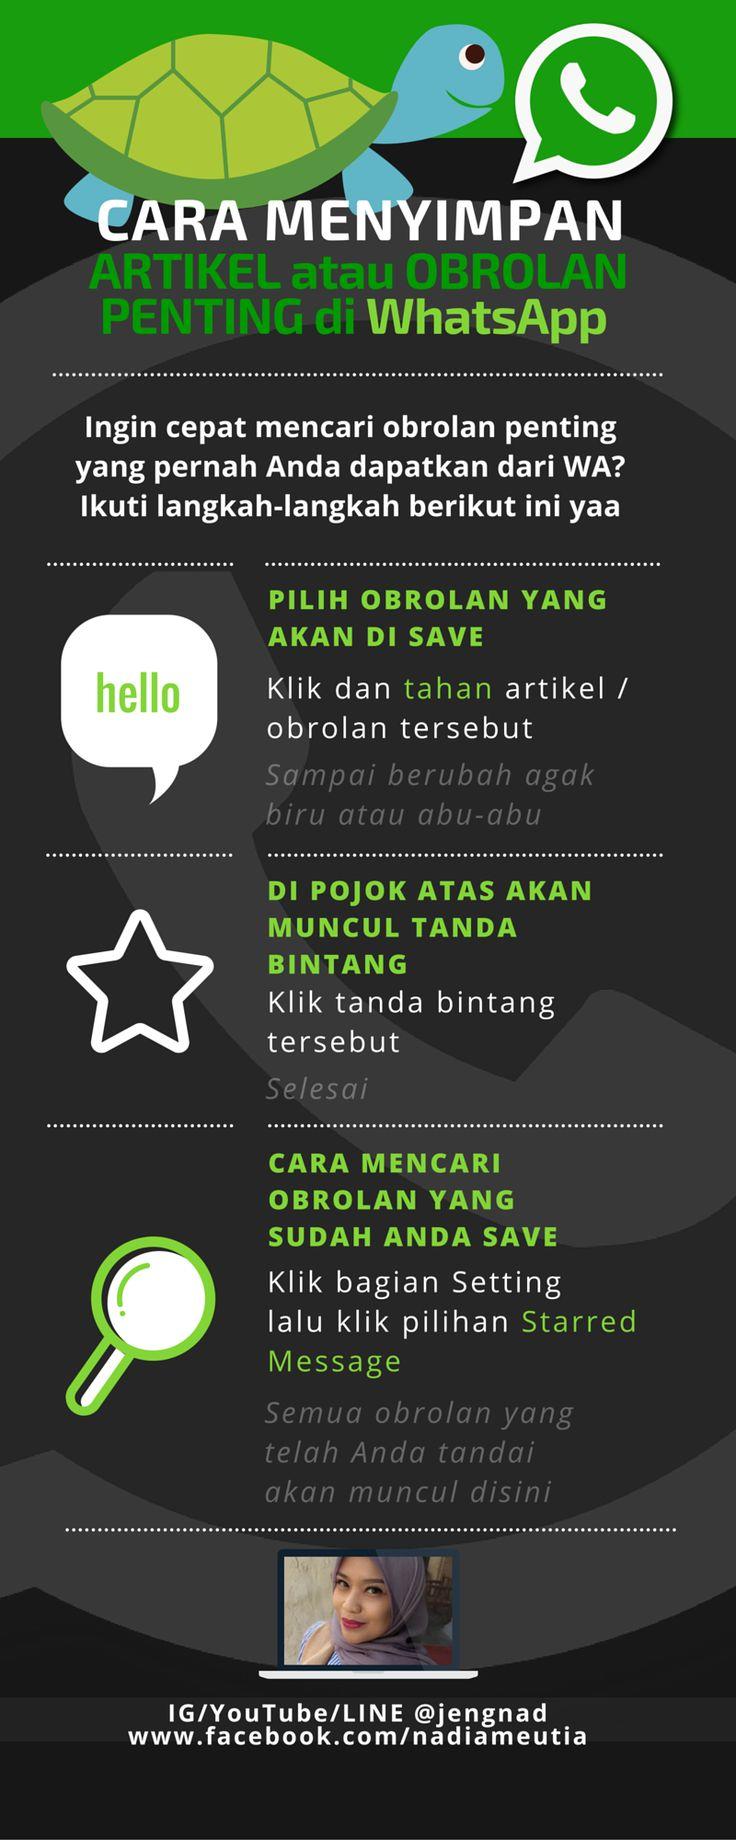 Cara menyimpan obrolan penting di WhatsApp (WA) anda